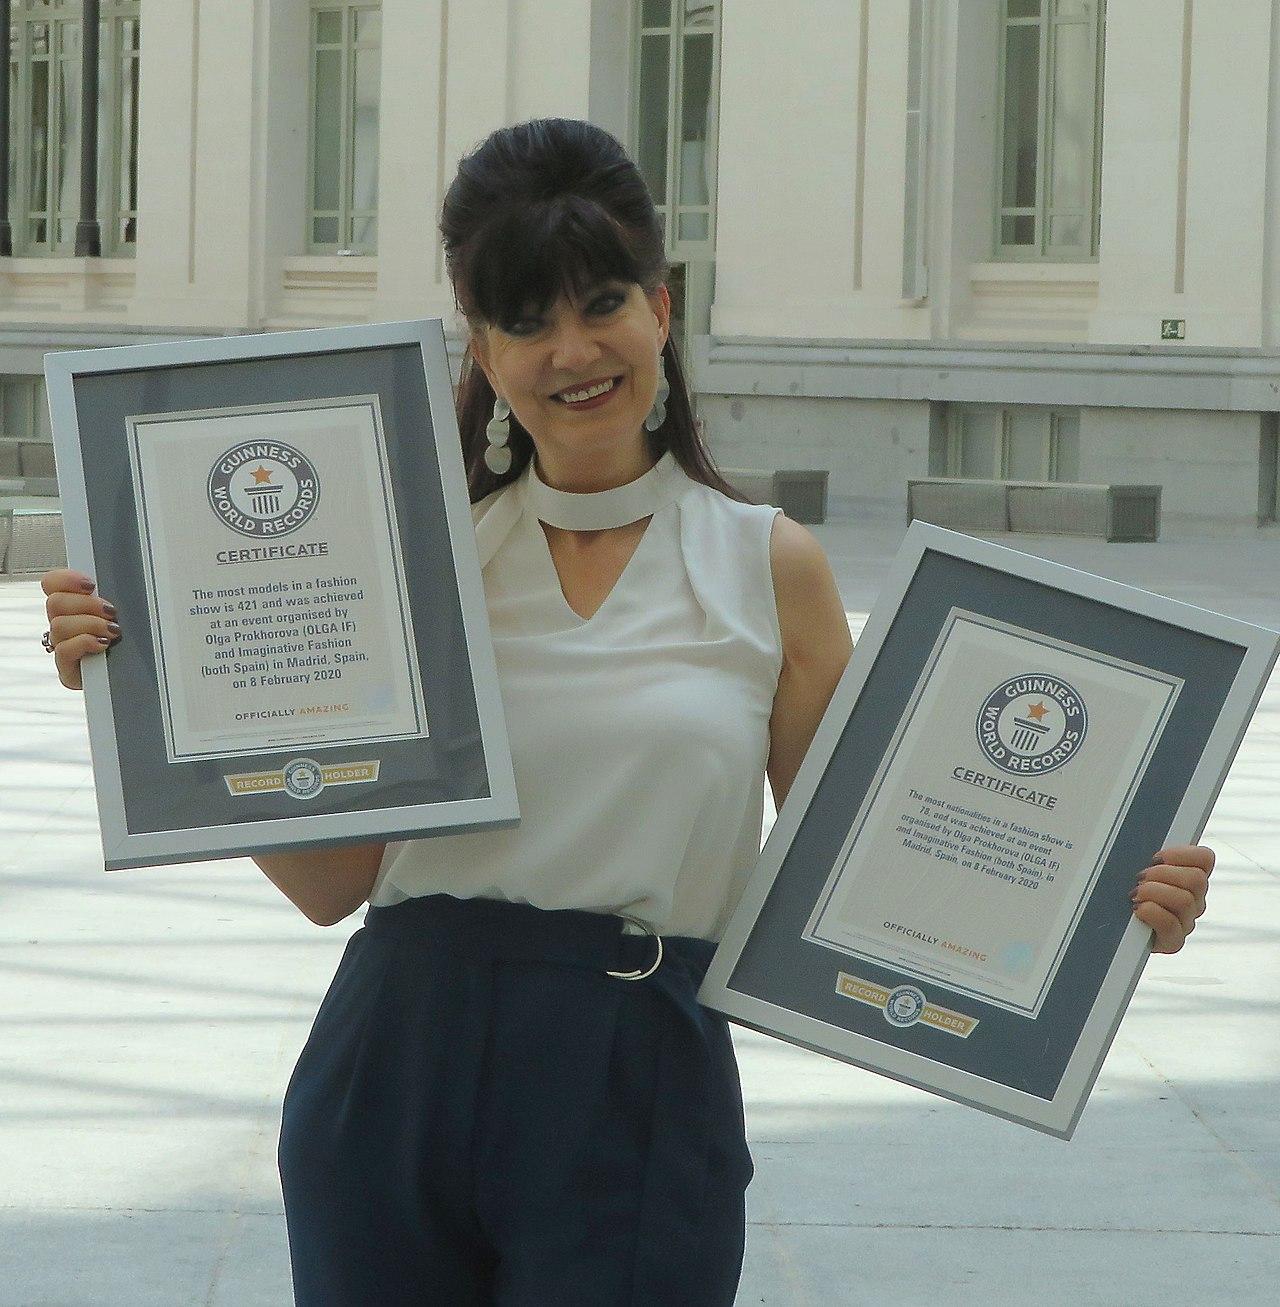 Olga Prokhrorova diseñadora de moda